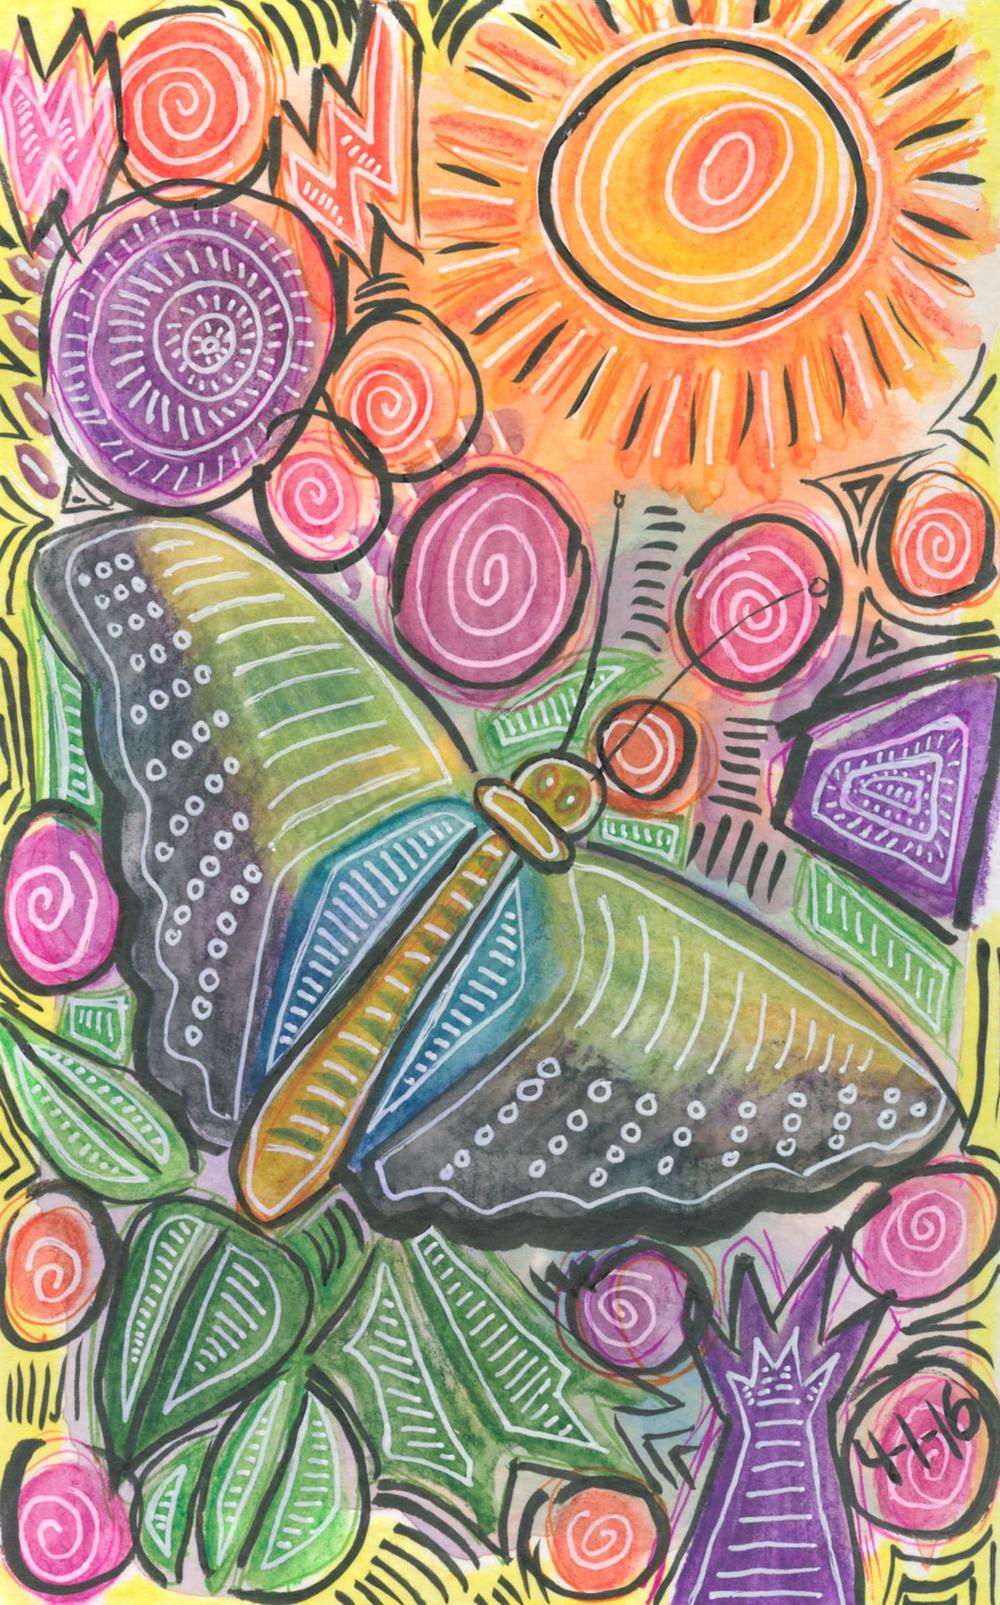 doodle_butterfly_4-1-16.jpg